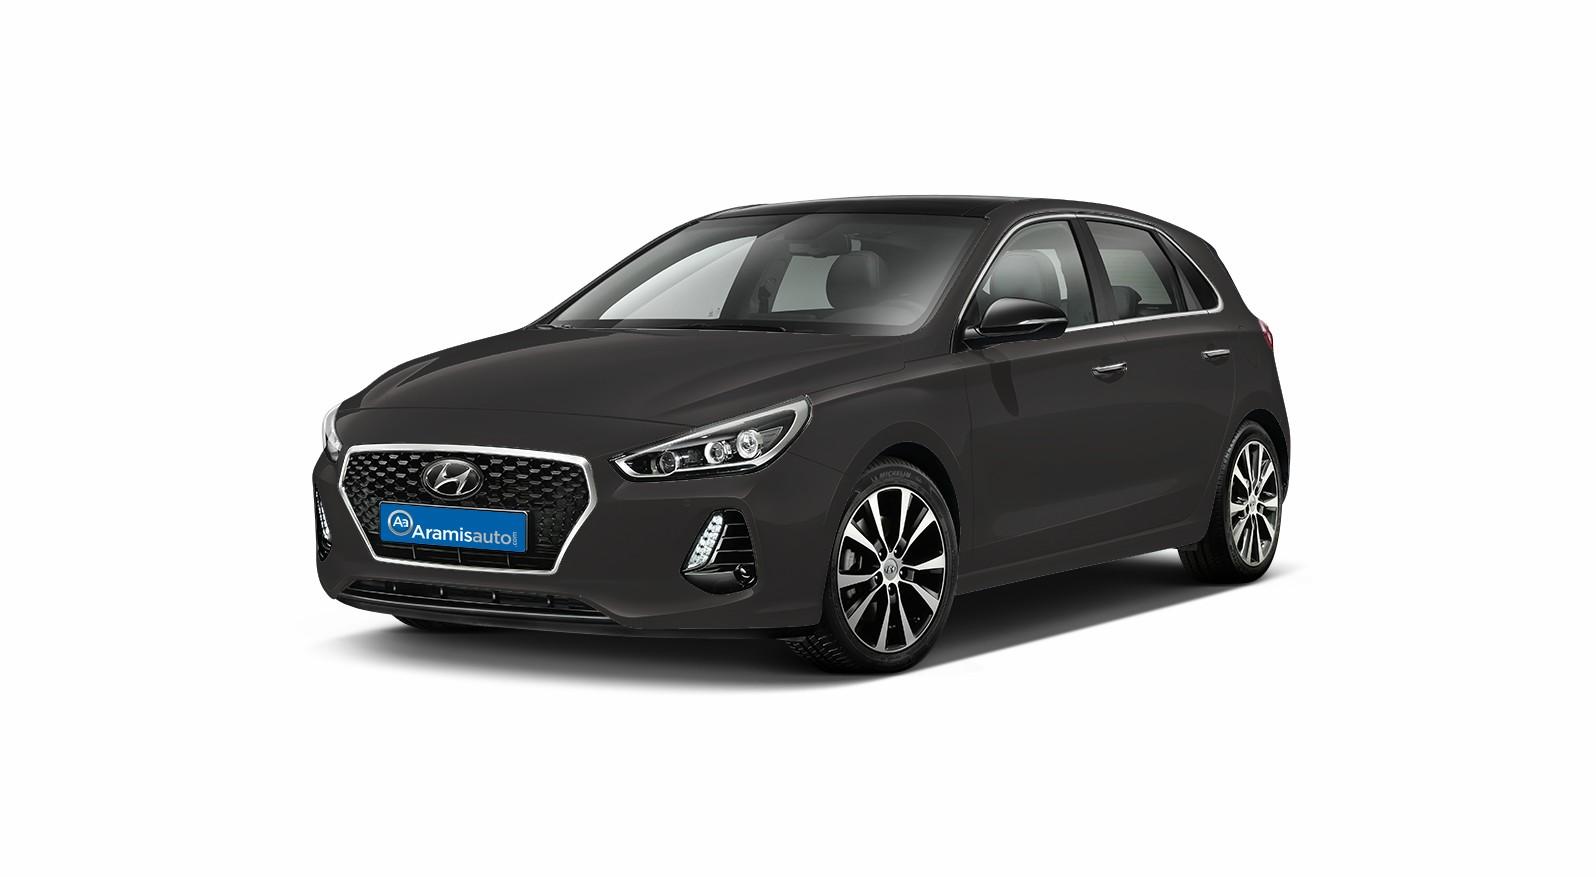 Acheter Hyundai i30 Nouvelle Business Business chez un mandataire auto